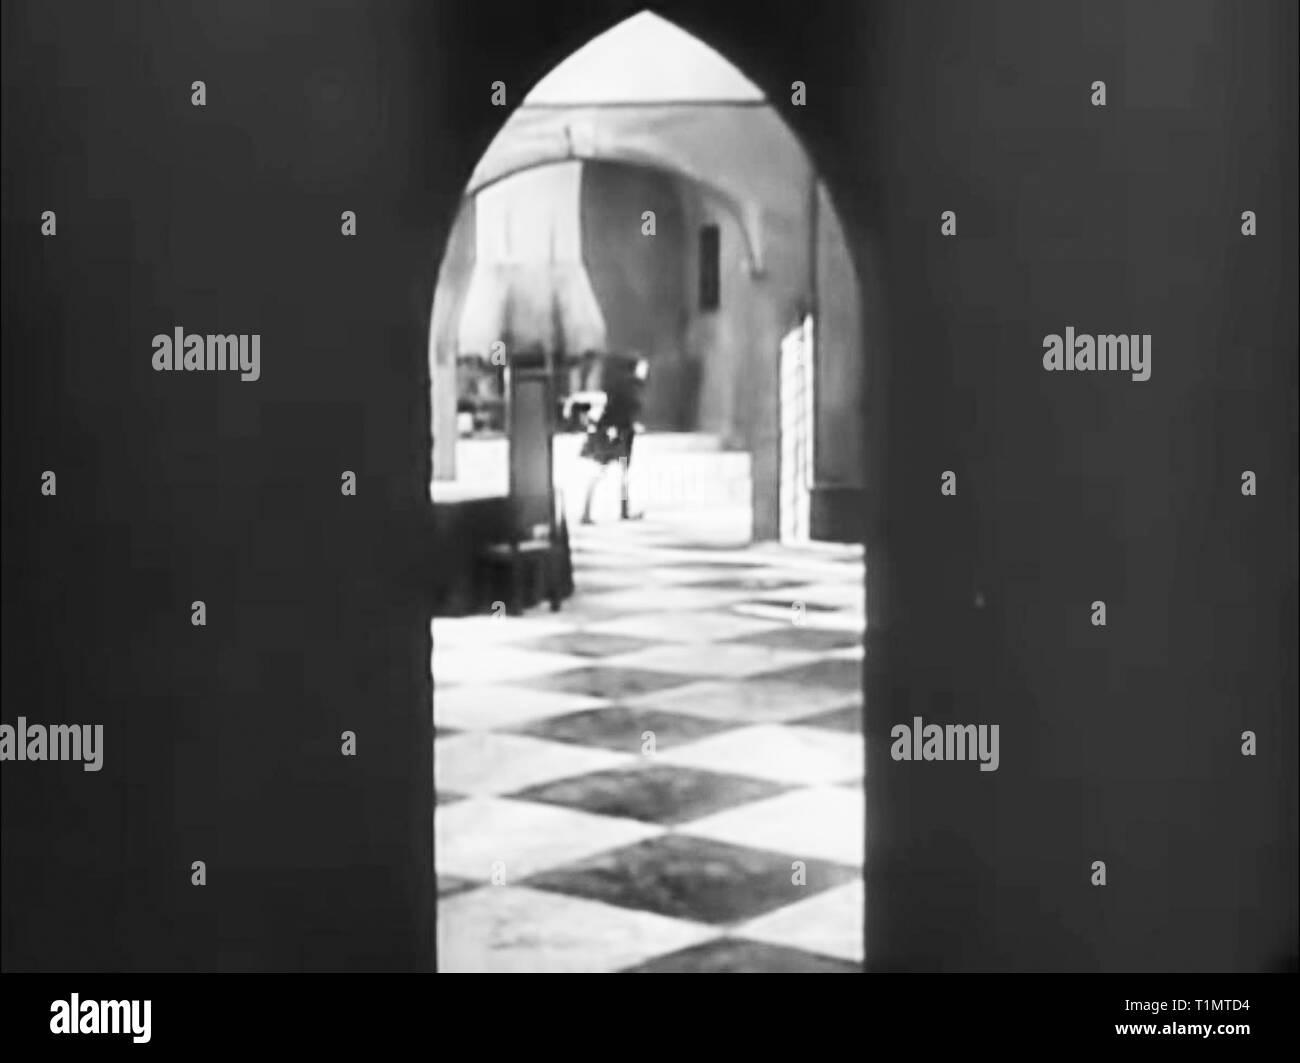 Nosferatu 1922 movie starring Max Schreck directed by F W